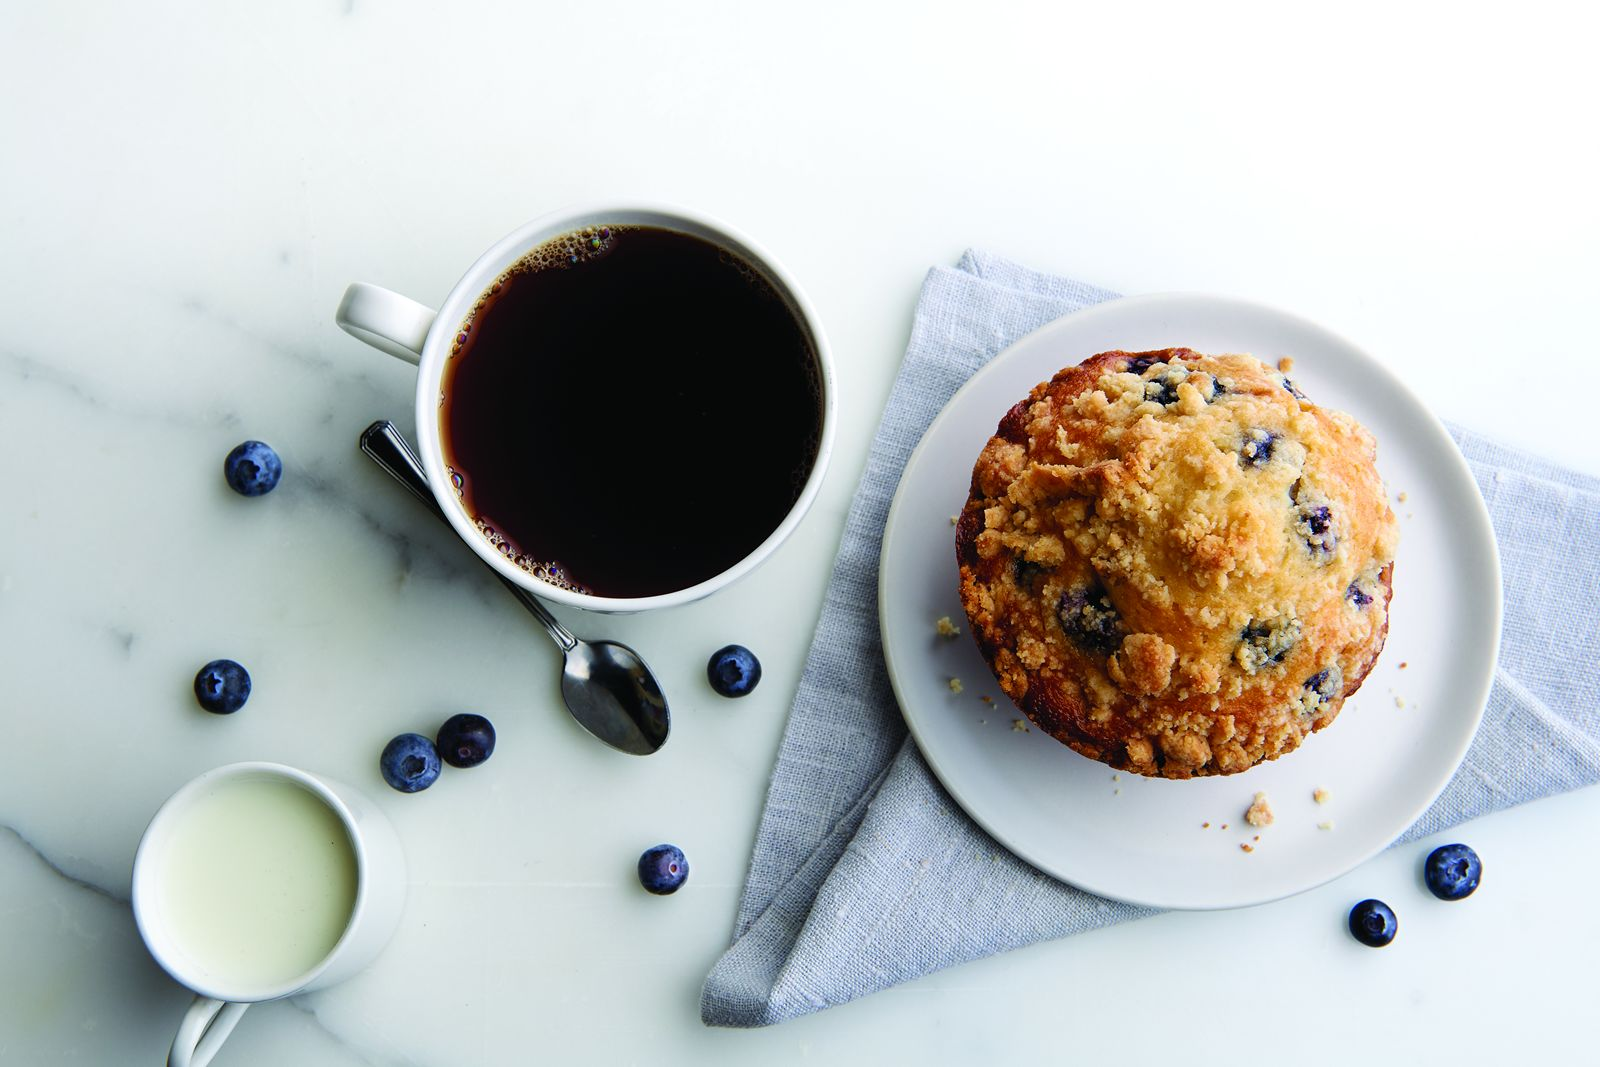 Corner Bakery démarre 2021 avec trois mois de `` café, thé et infusion froid gratuits au coin ''